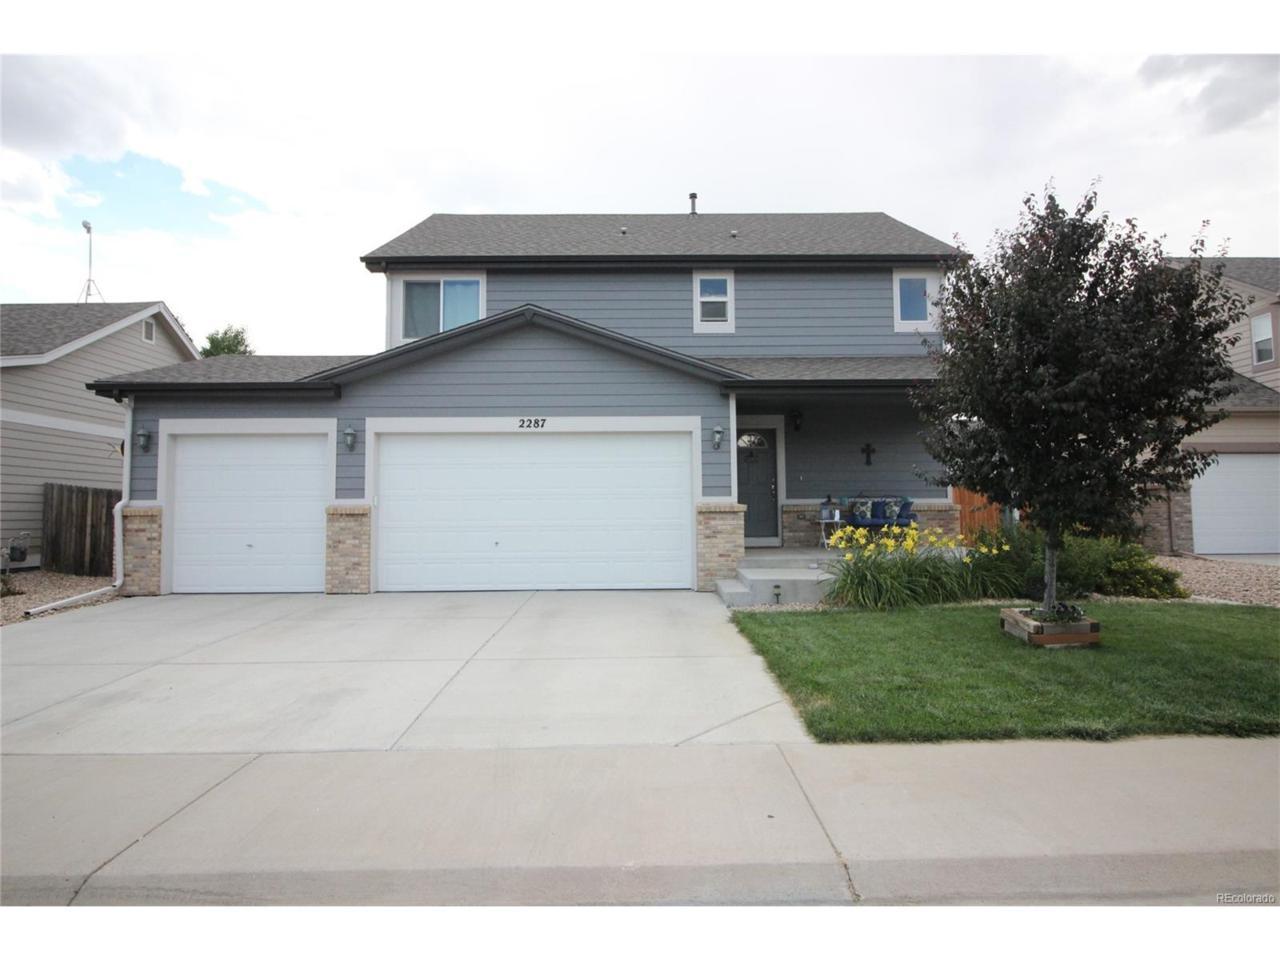 2287 Basil Street, Strasburg, CO 80136 (MLS #3062947) :: 8z Real Estate